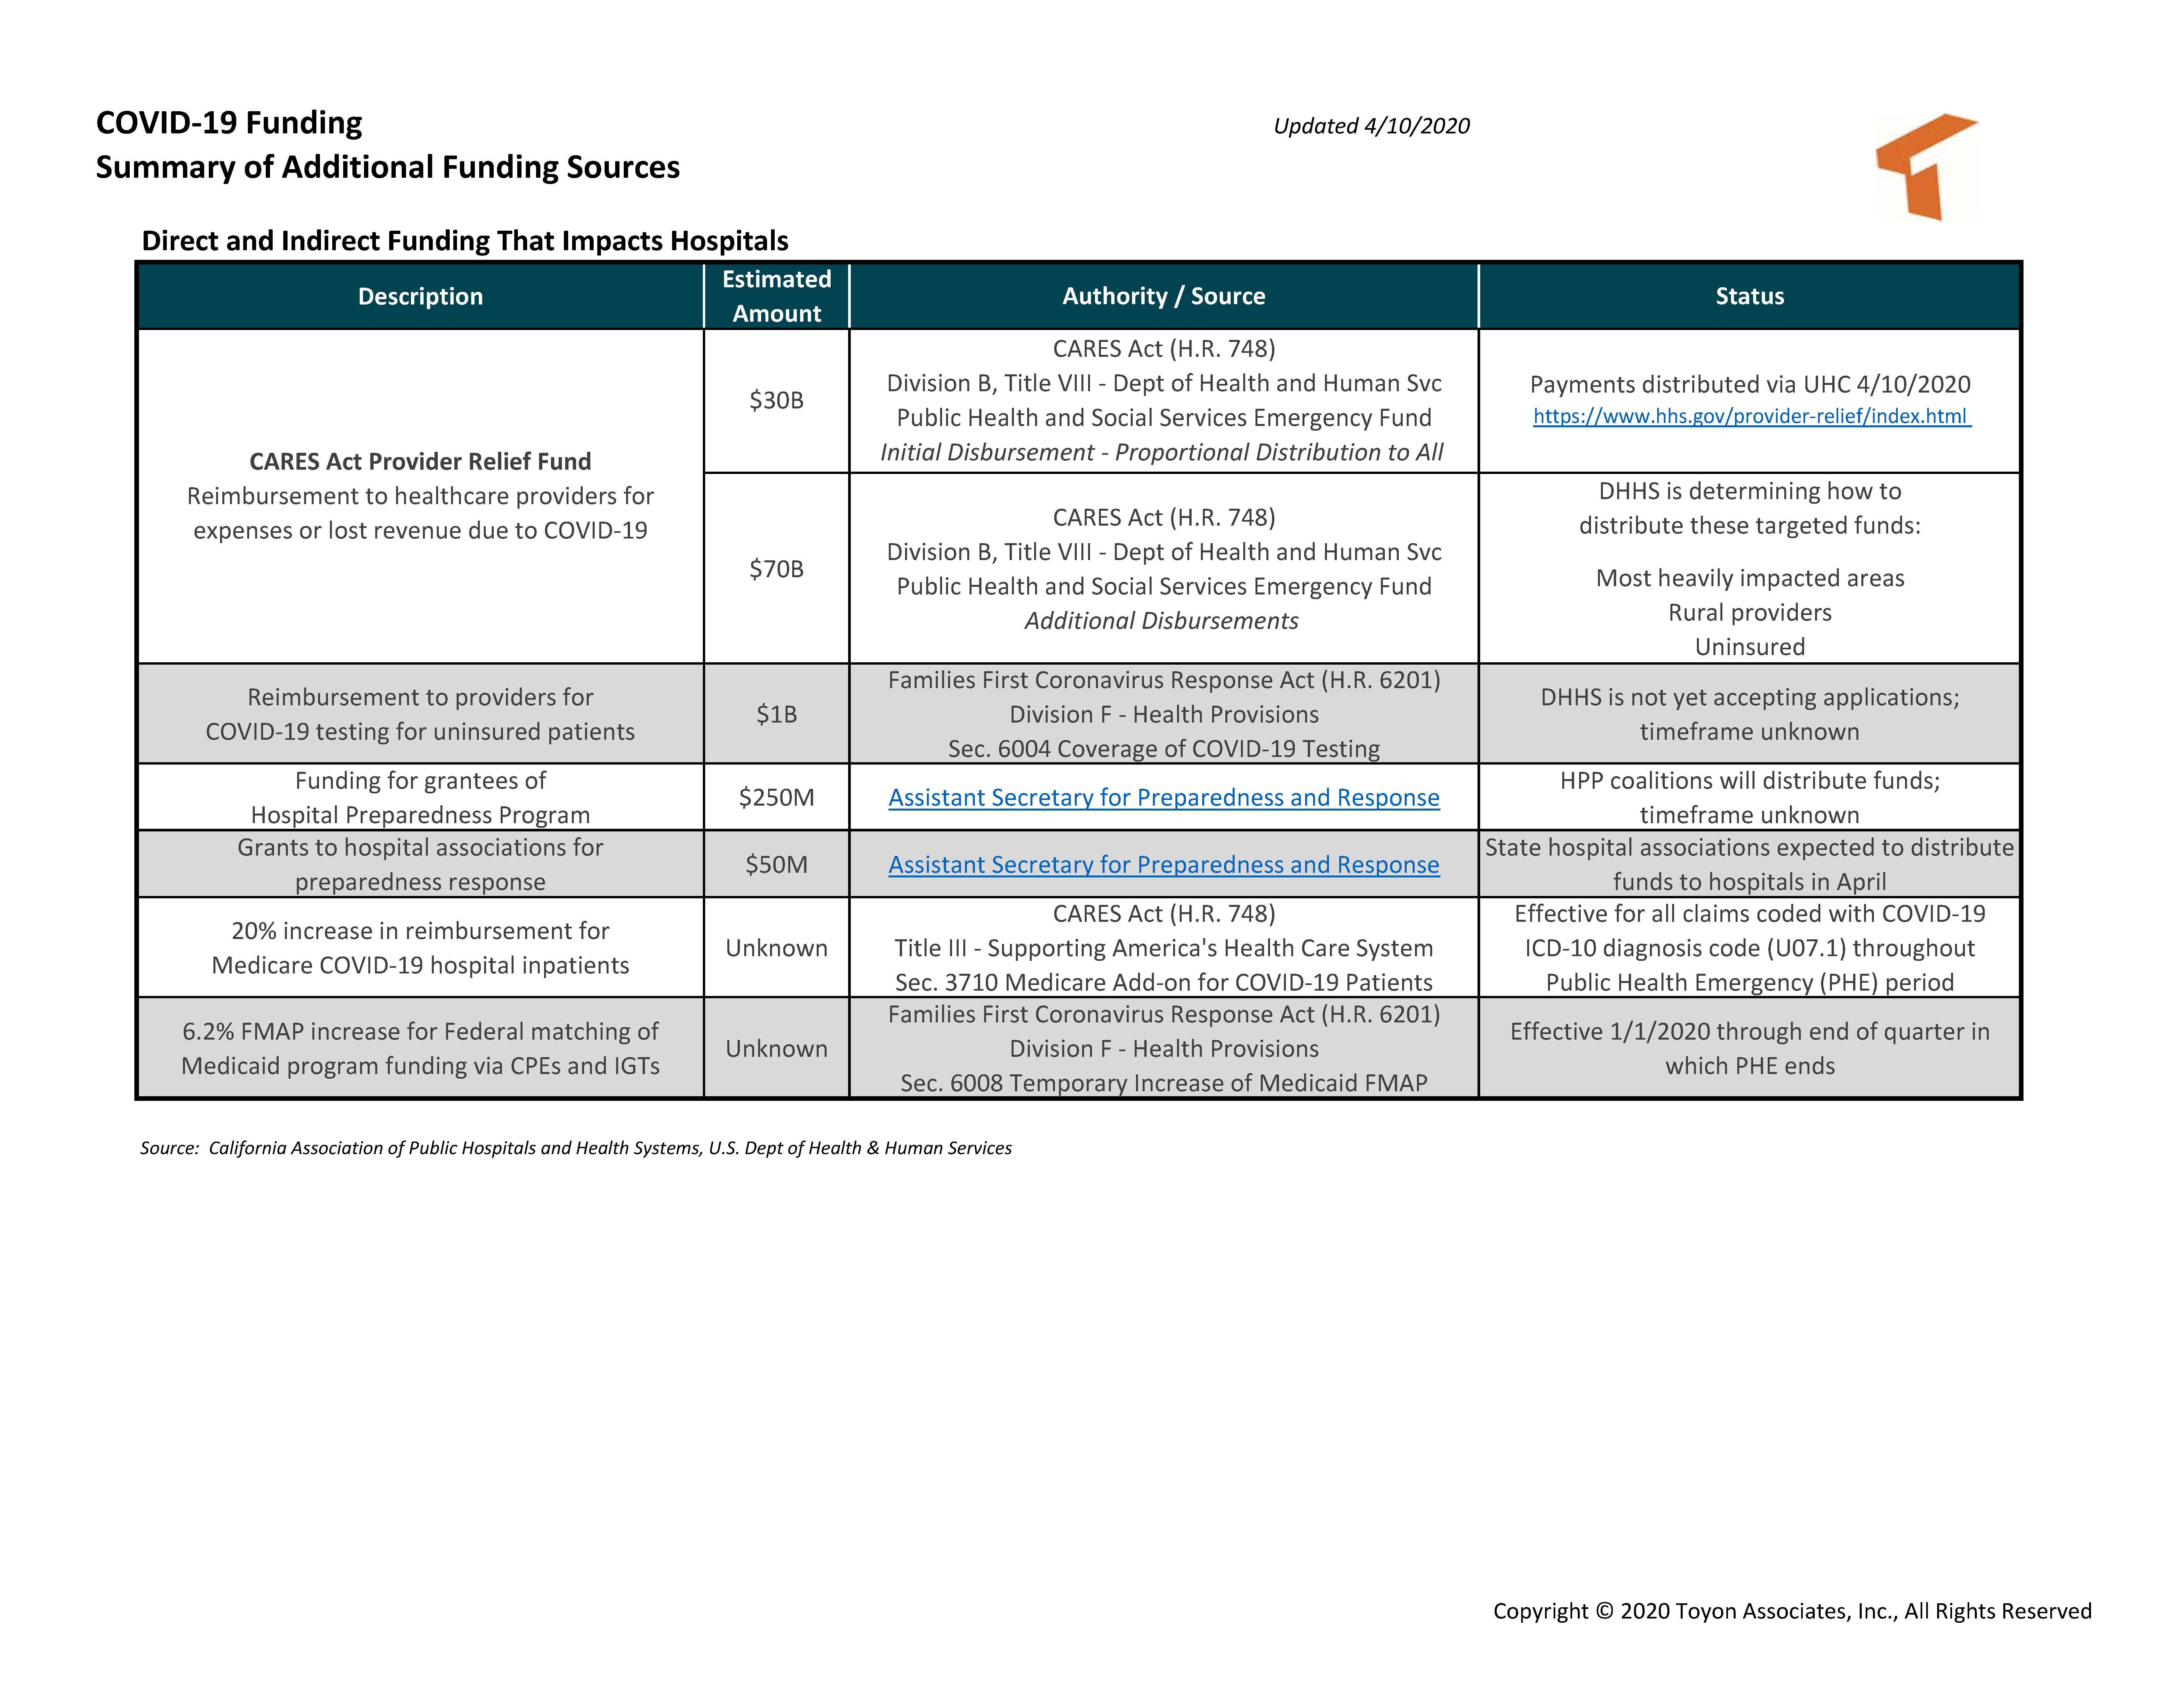 CMS COVID-19 Funding Summary